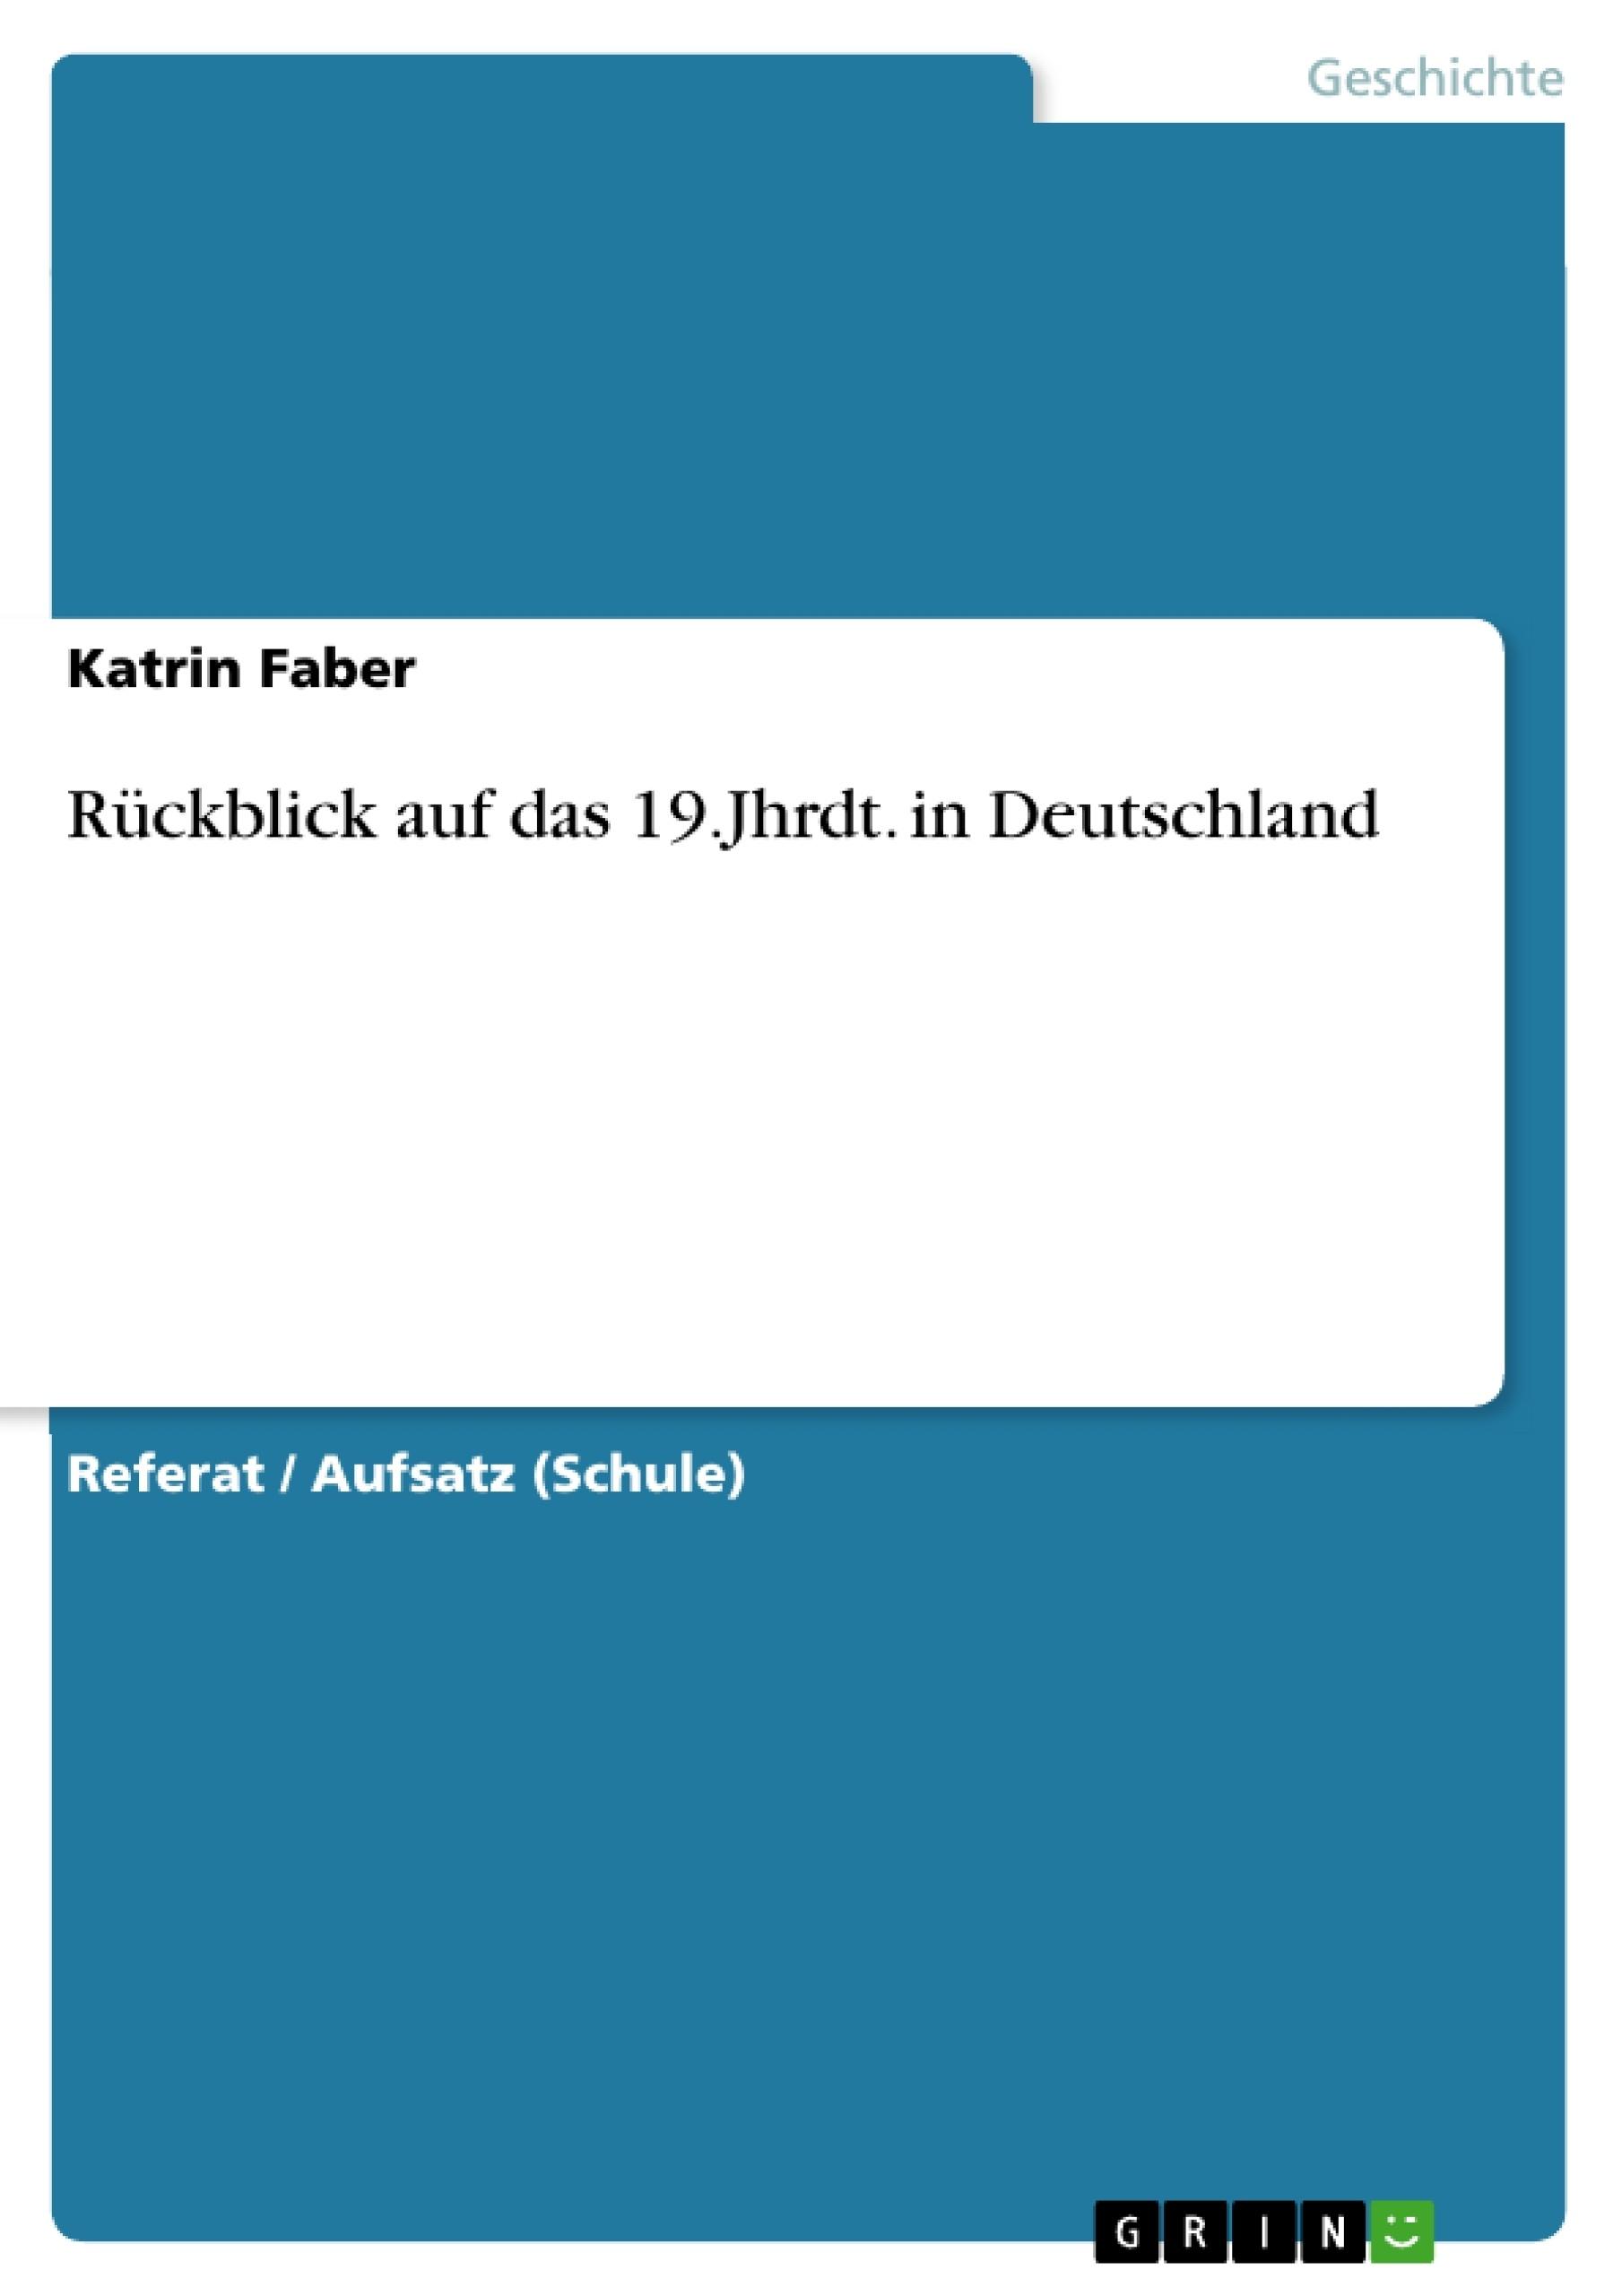 Titel: Rückblick auf das 19.Jhrdt. in Deutschland